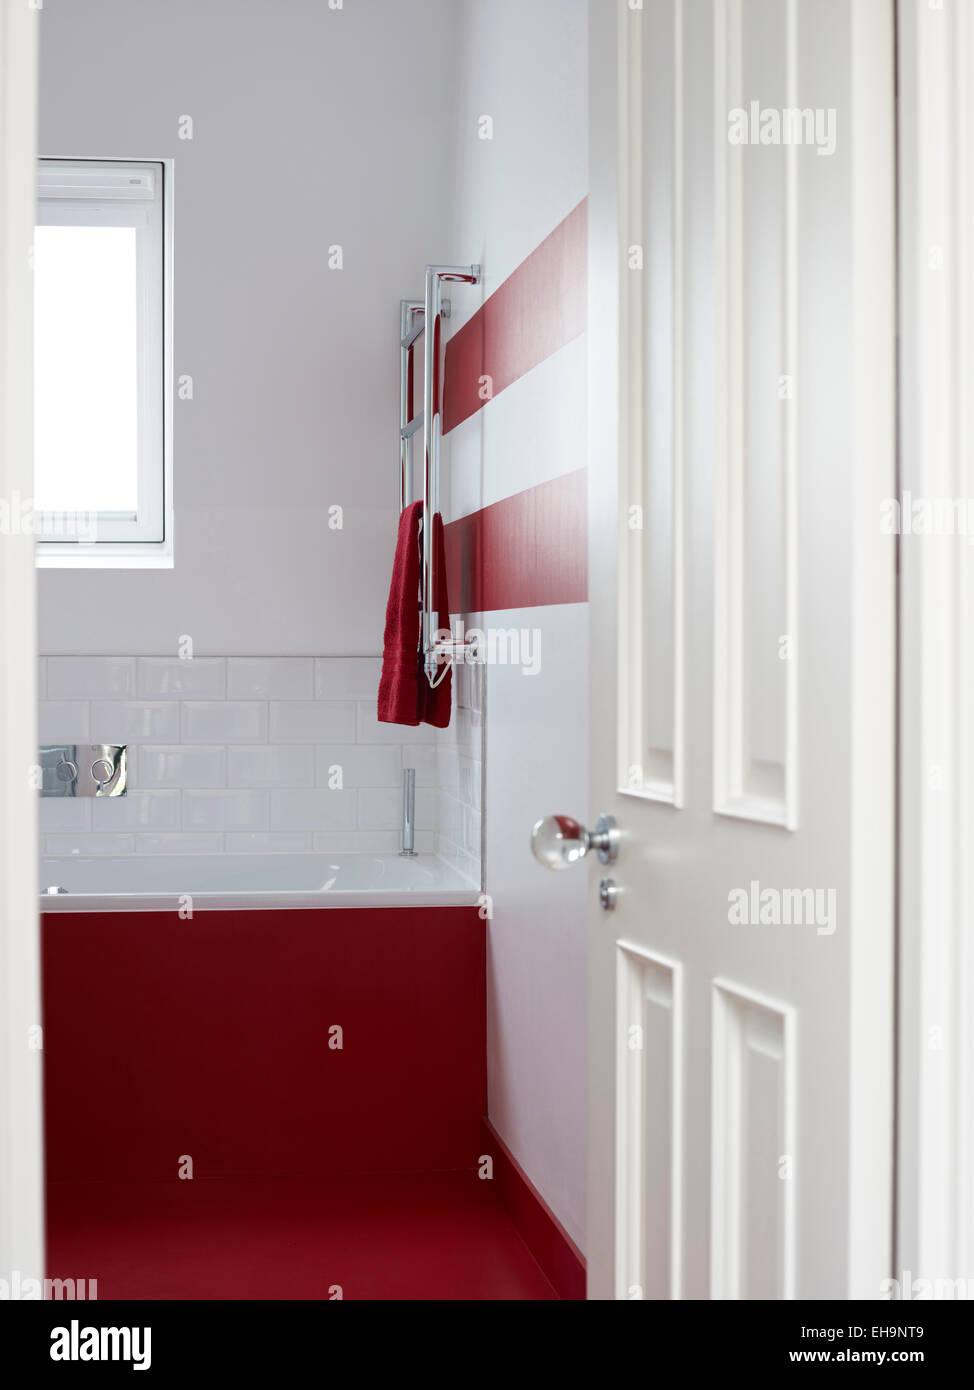 View through open door to red painted bathroom with metallic towel ...